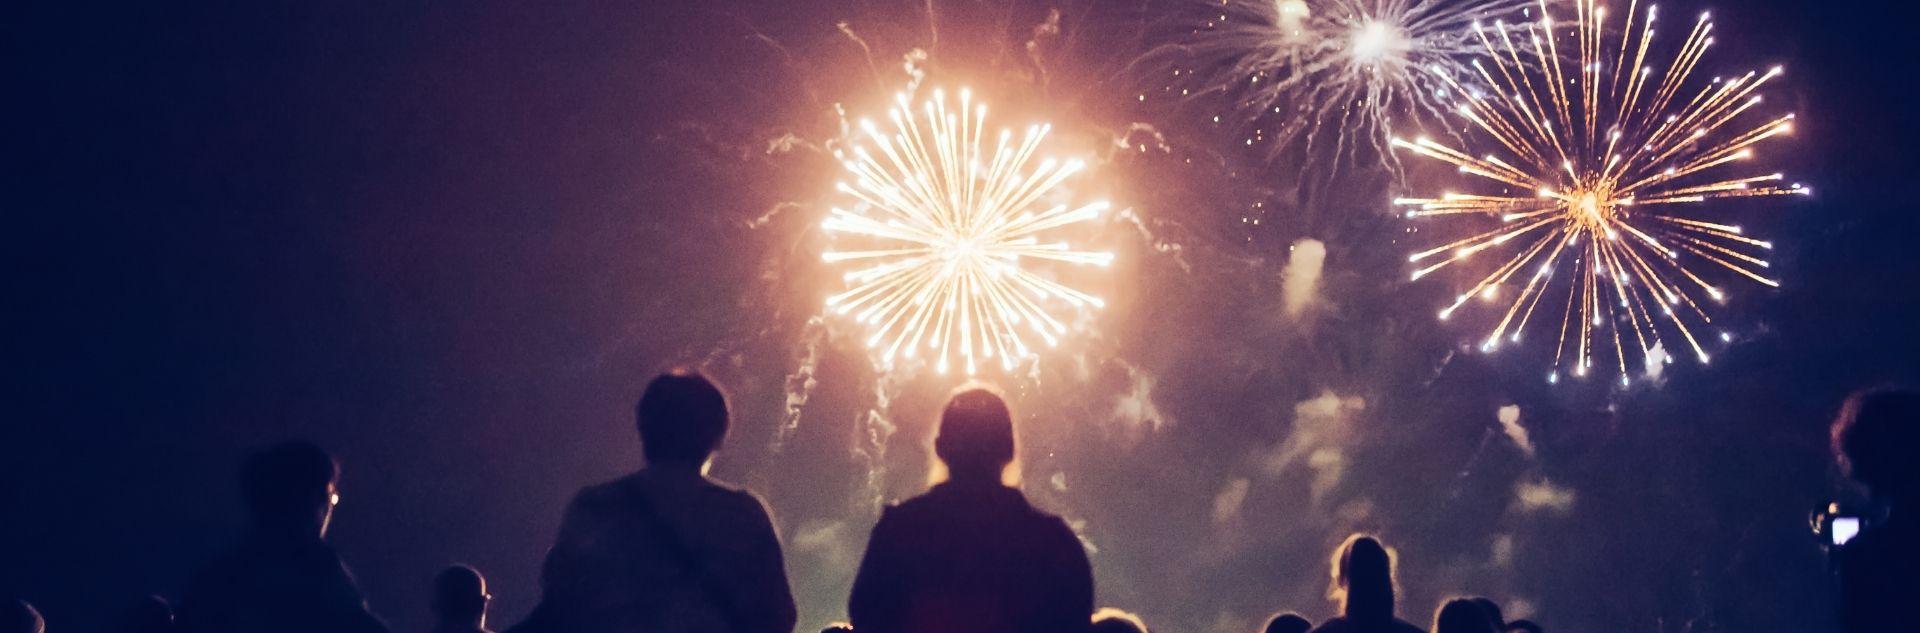 Silvesterurlaub - Feuerwerk